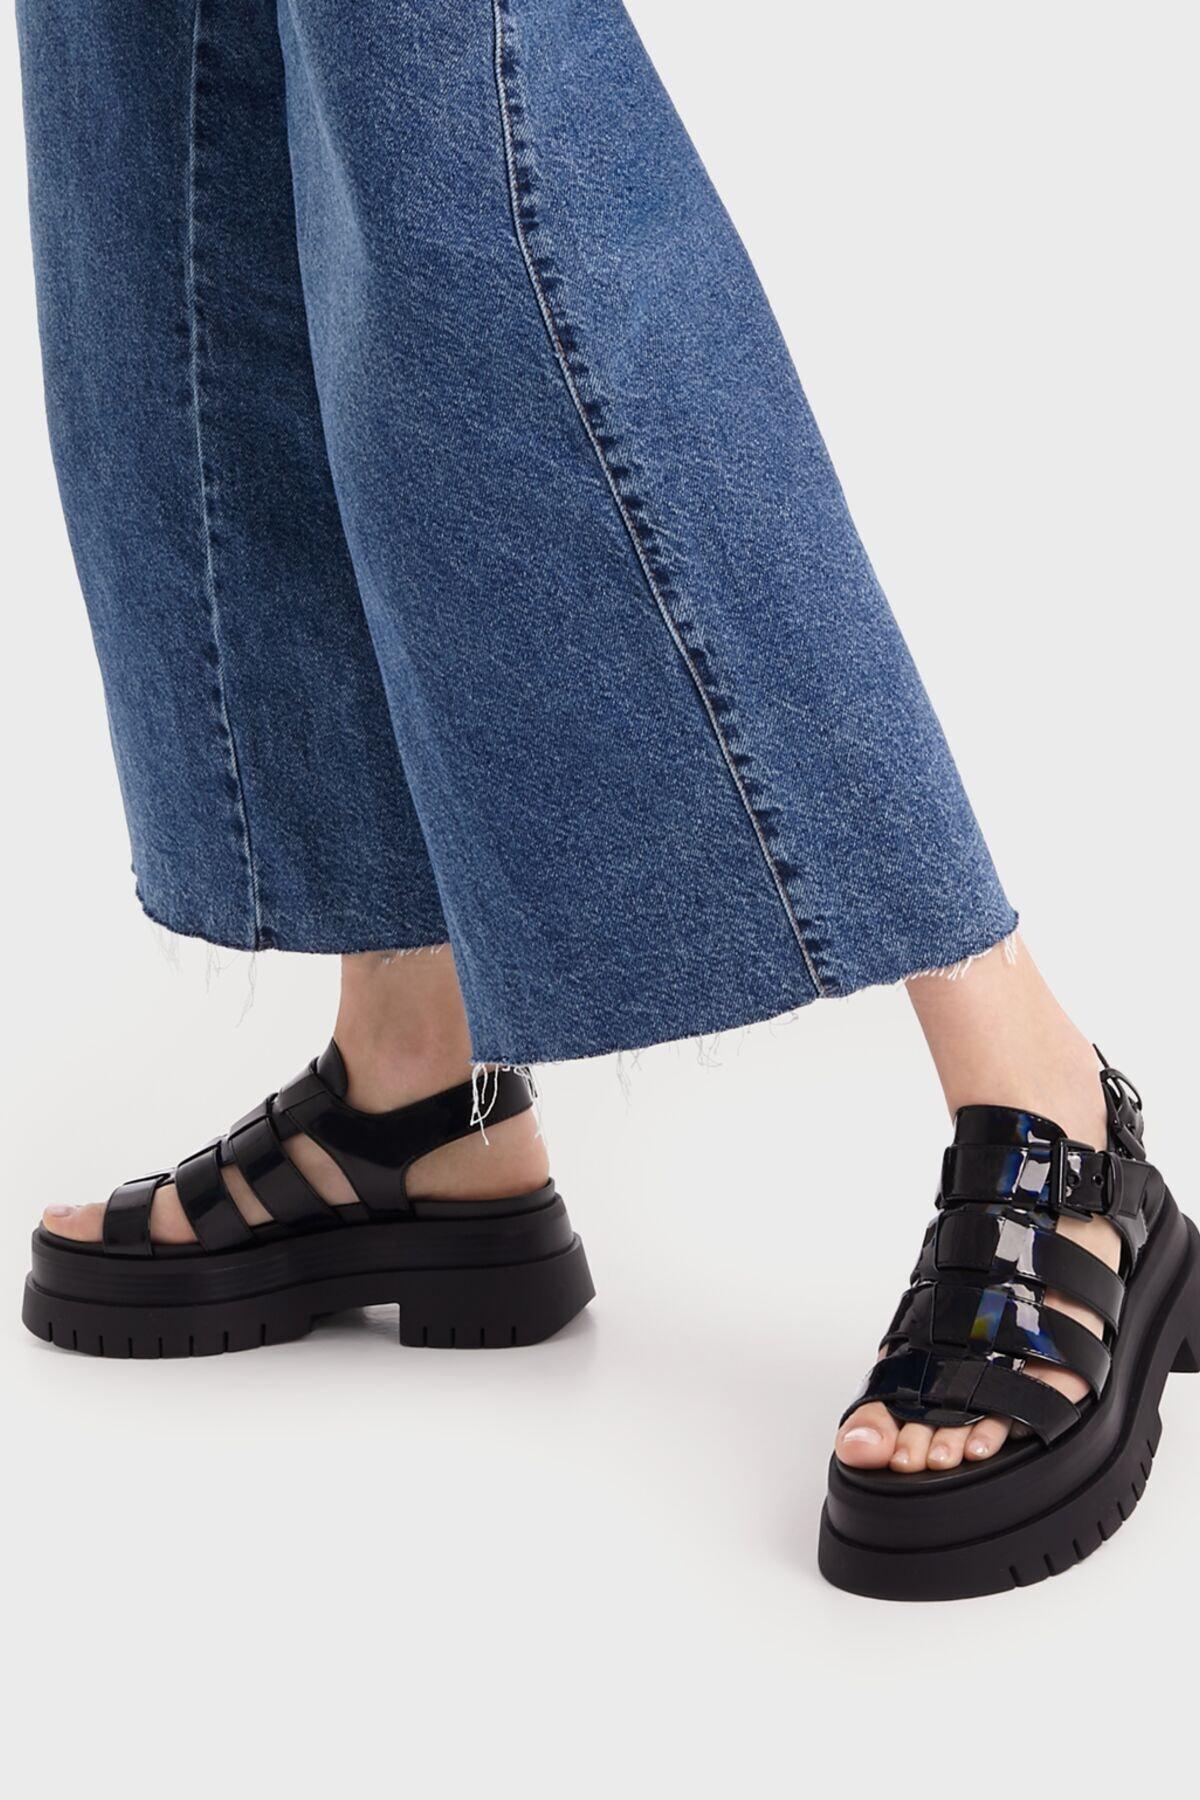 Bershka Kadın Siyah Yanardöner Platform Bantlı Sandalet 1